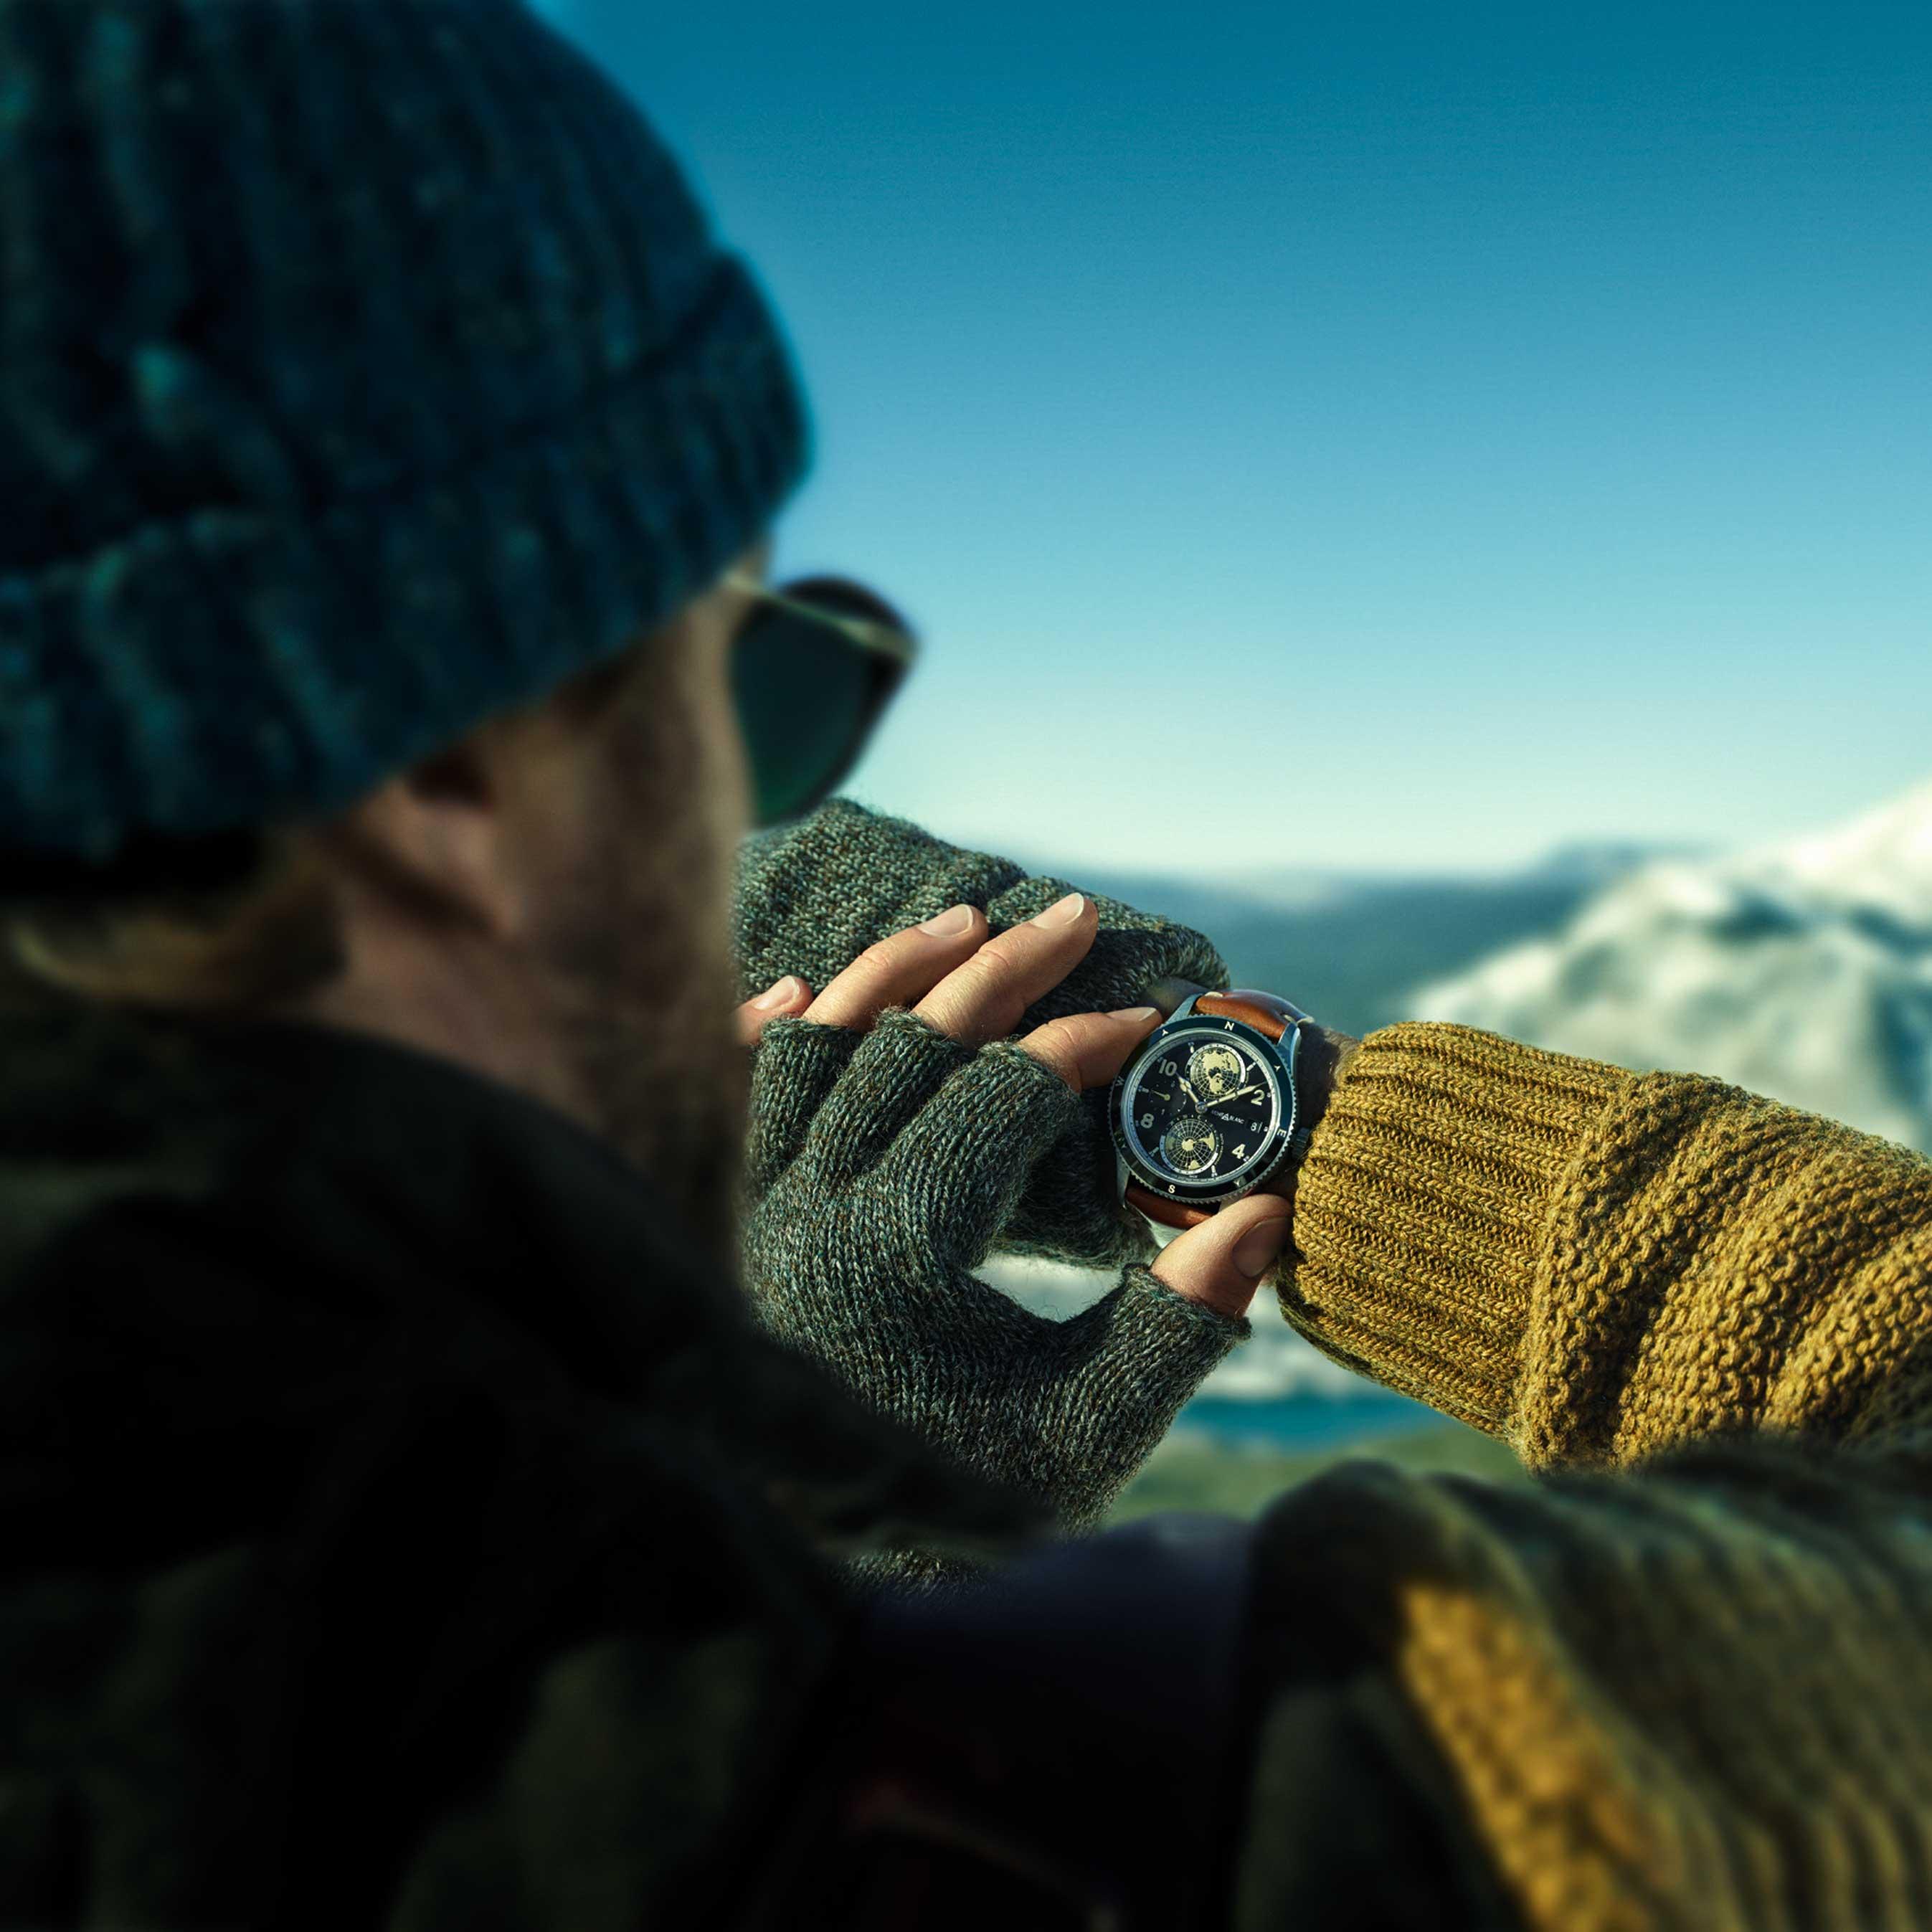 2018SIHH 全新万宝龙1858系列腕表:致敬山峰探险精神